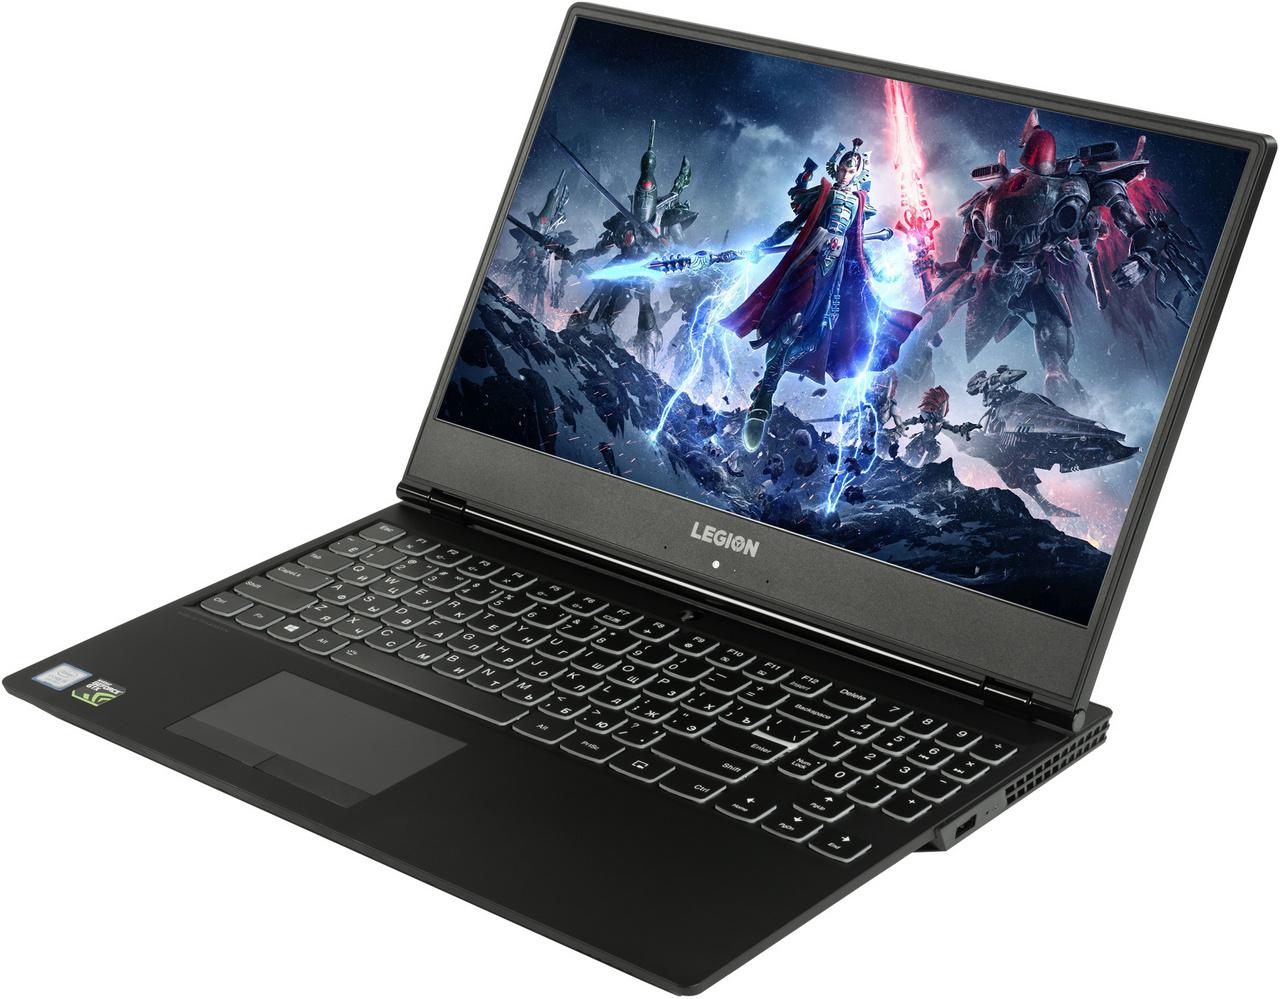 Гейминг по-новому: тестируем игровой ноутбук Lenovo Legion Y530